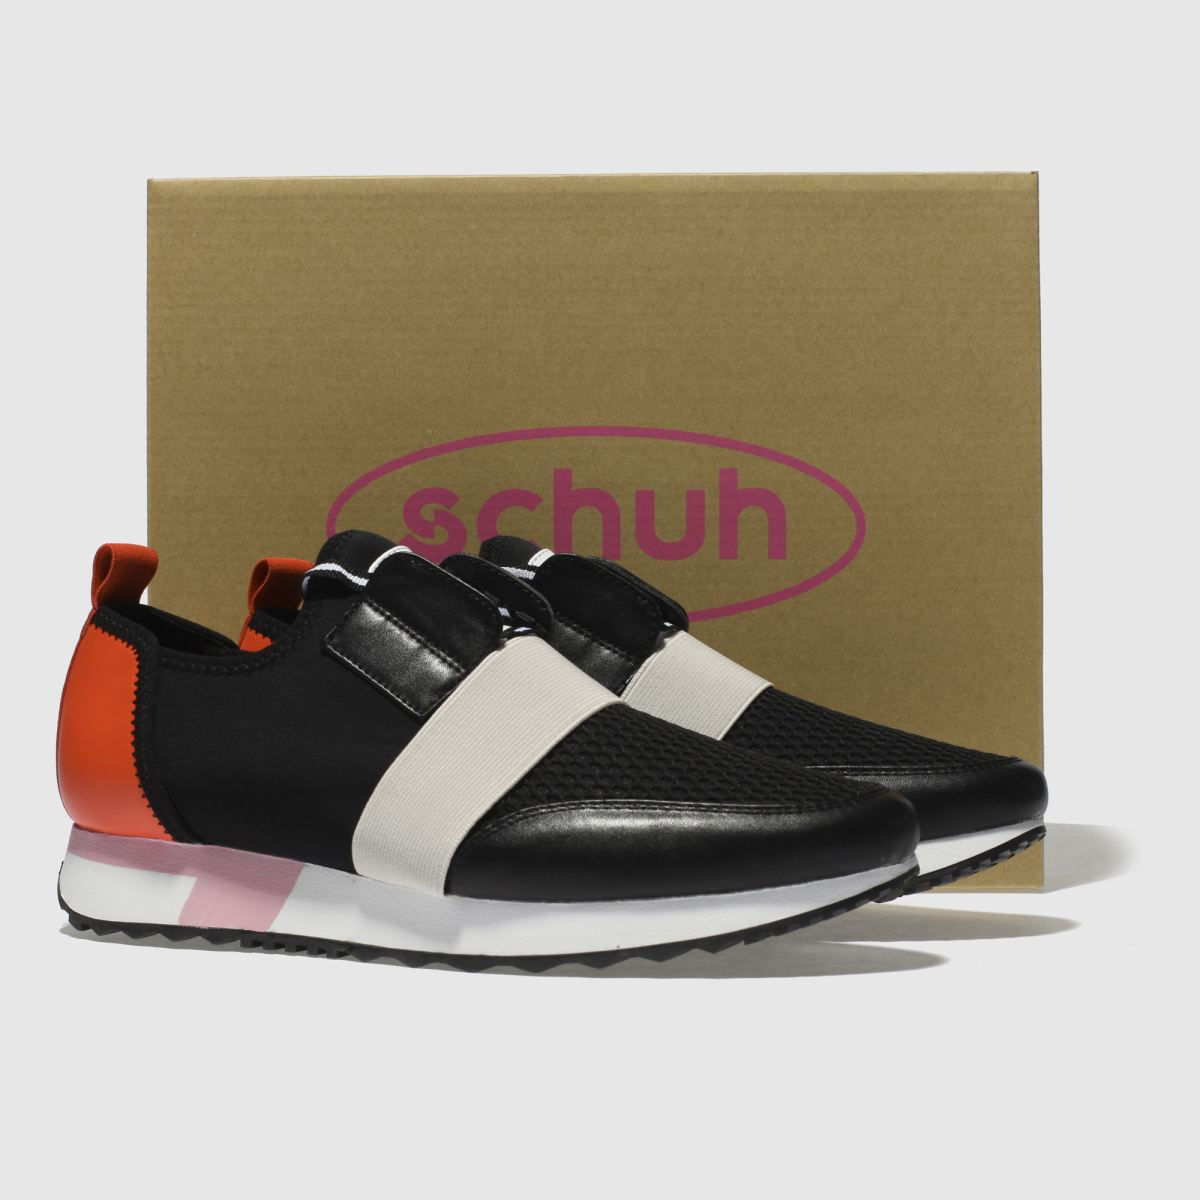 Damen Schwarz-rot schuh Finesse Qualität Flats | schuh Gute Qualität Finesse beliebte Schuhe 35dd84